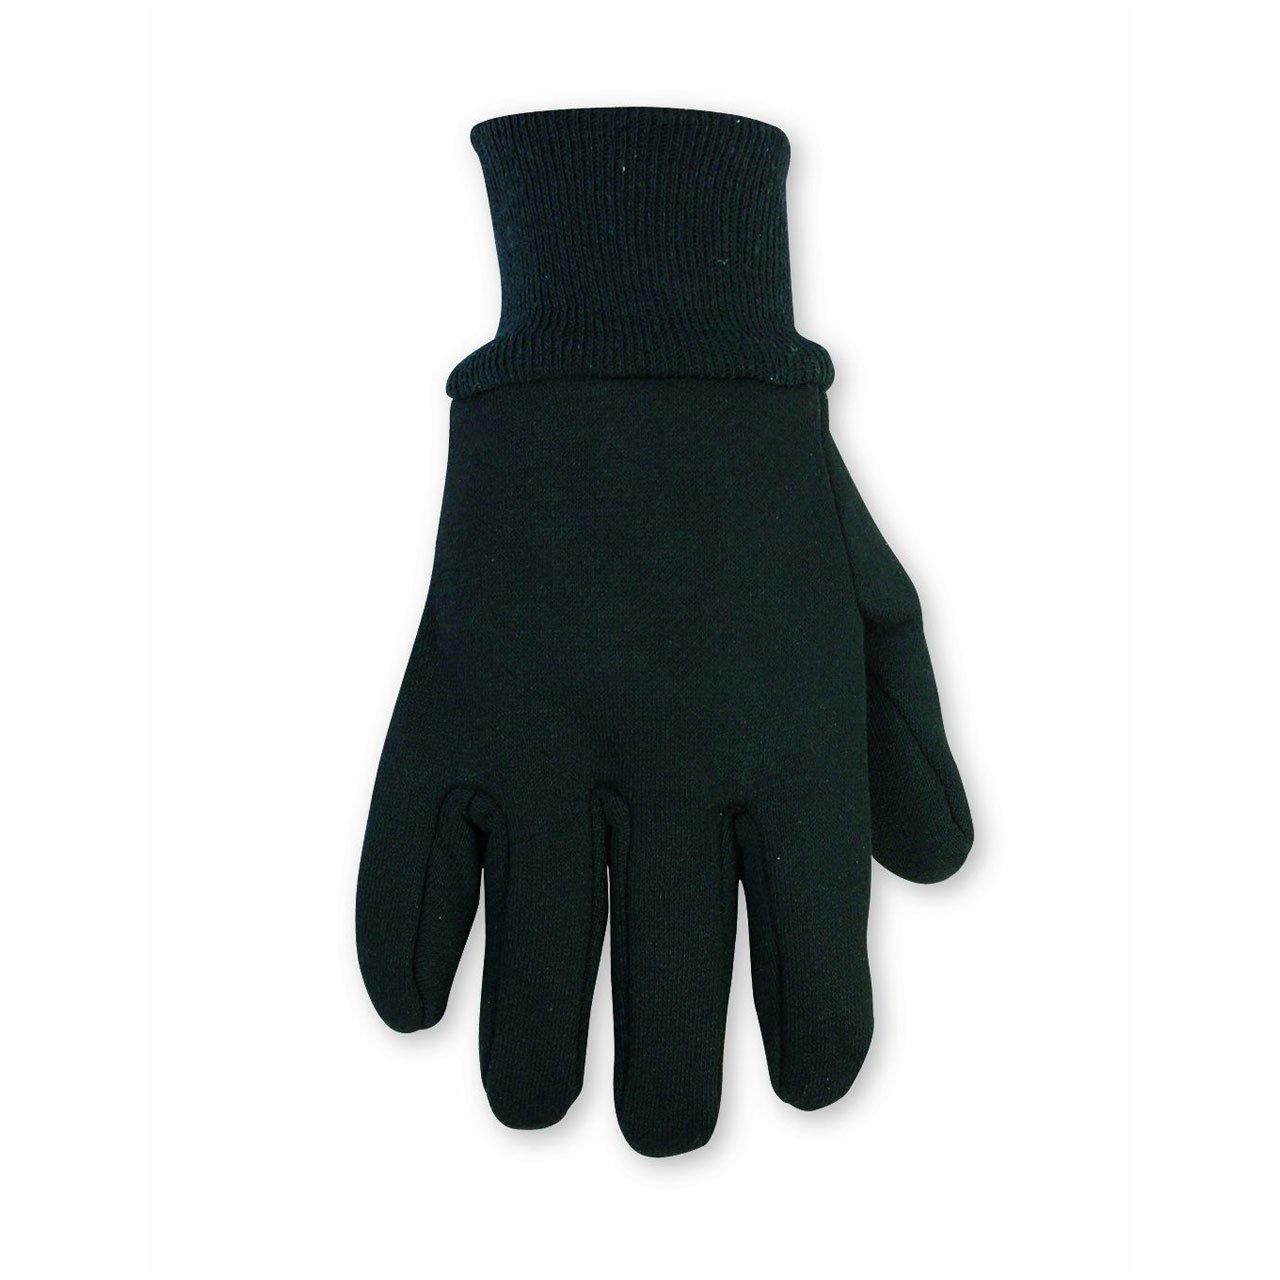 Dottie 2013 Fleece Lined Cotton Jersey Gloves